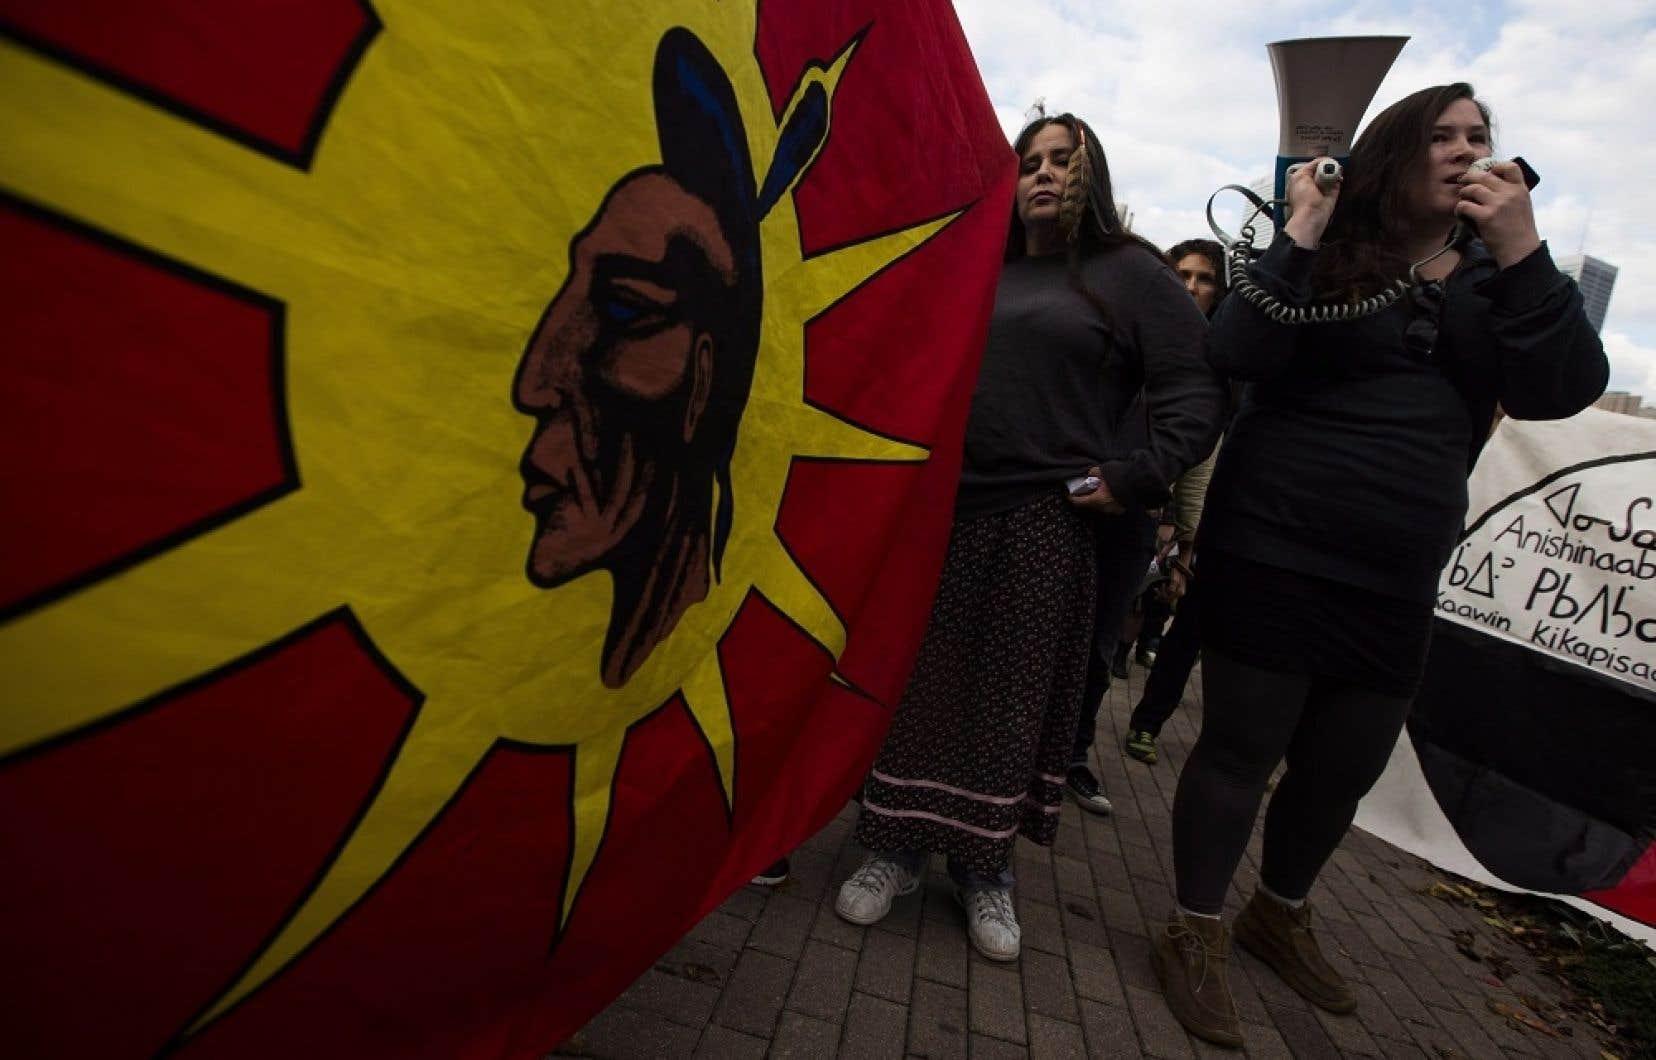 Des manifestants brandissant un drapeau mohawk lors des audiences torontoises de l'Office national de l'énergie sur l'inversion du flux du pipeline 9 (photo d'archives).